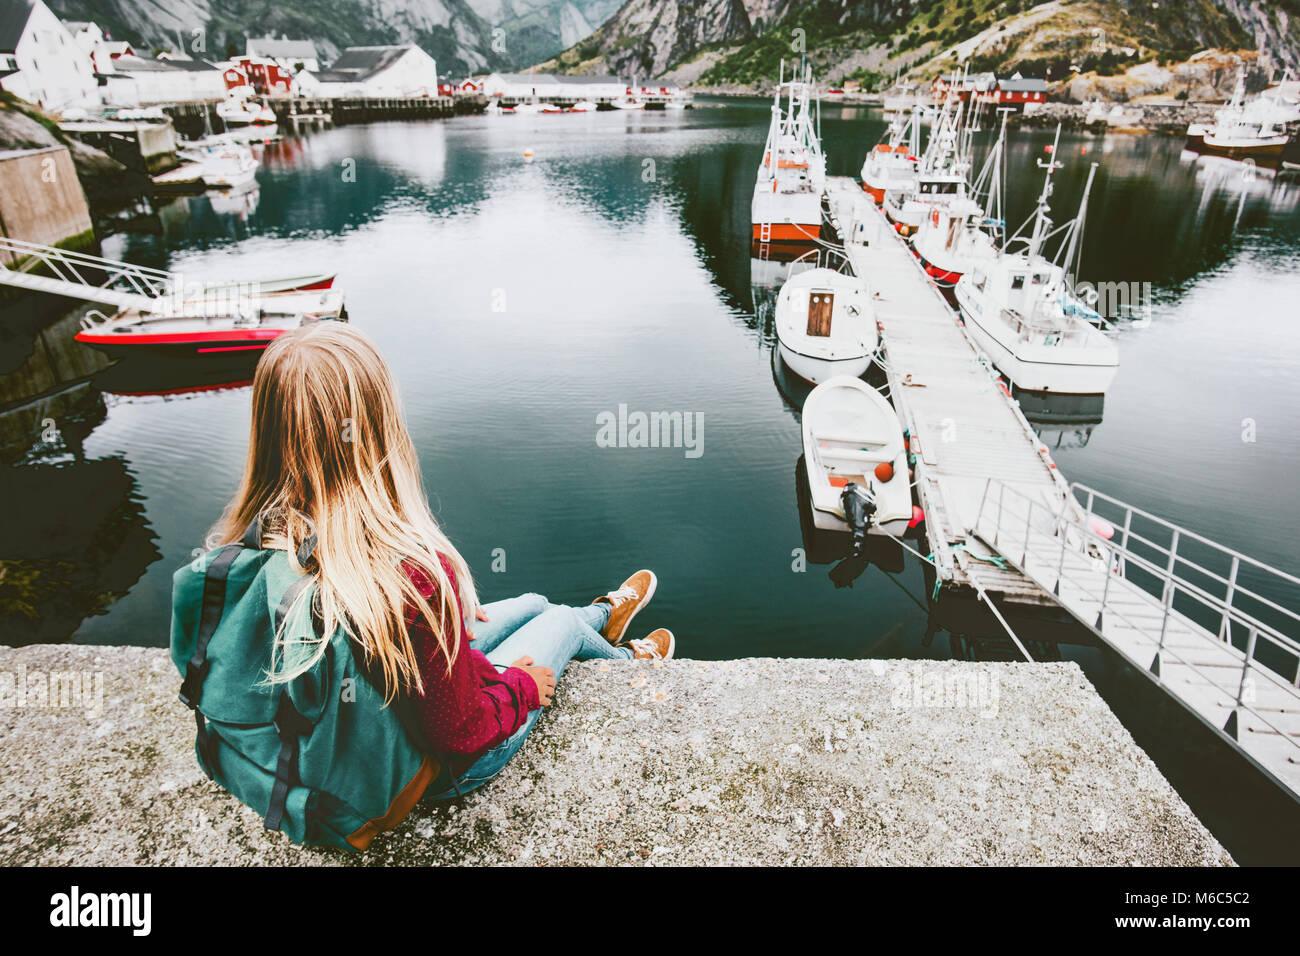 Blonde Frau mit Rucksack auf Brücke über das Meer und die Boote ansehen Reisen lifestyle Konzept Abenteuer Stockbild